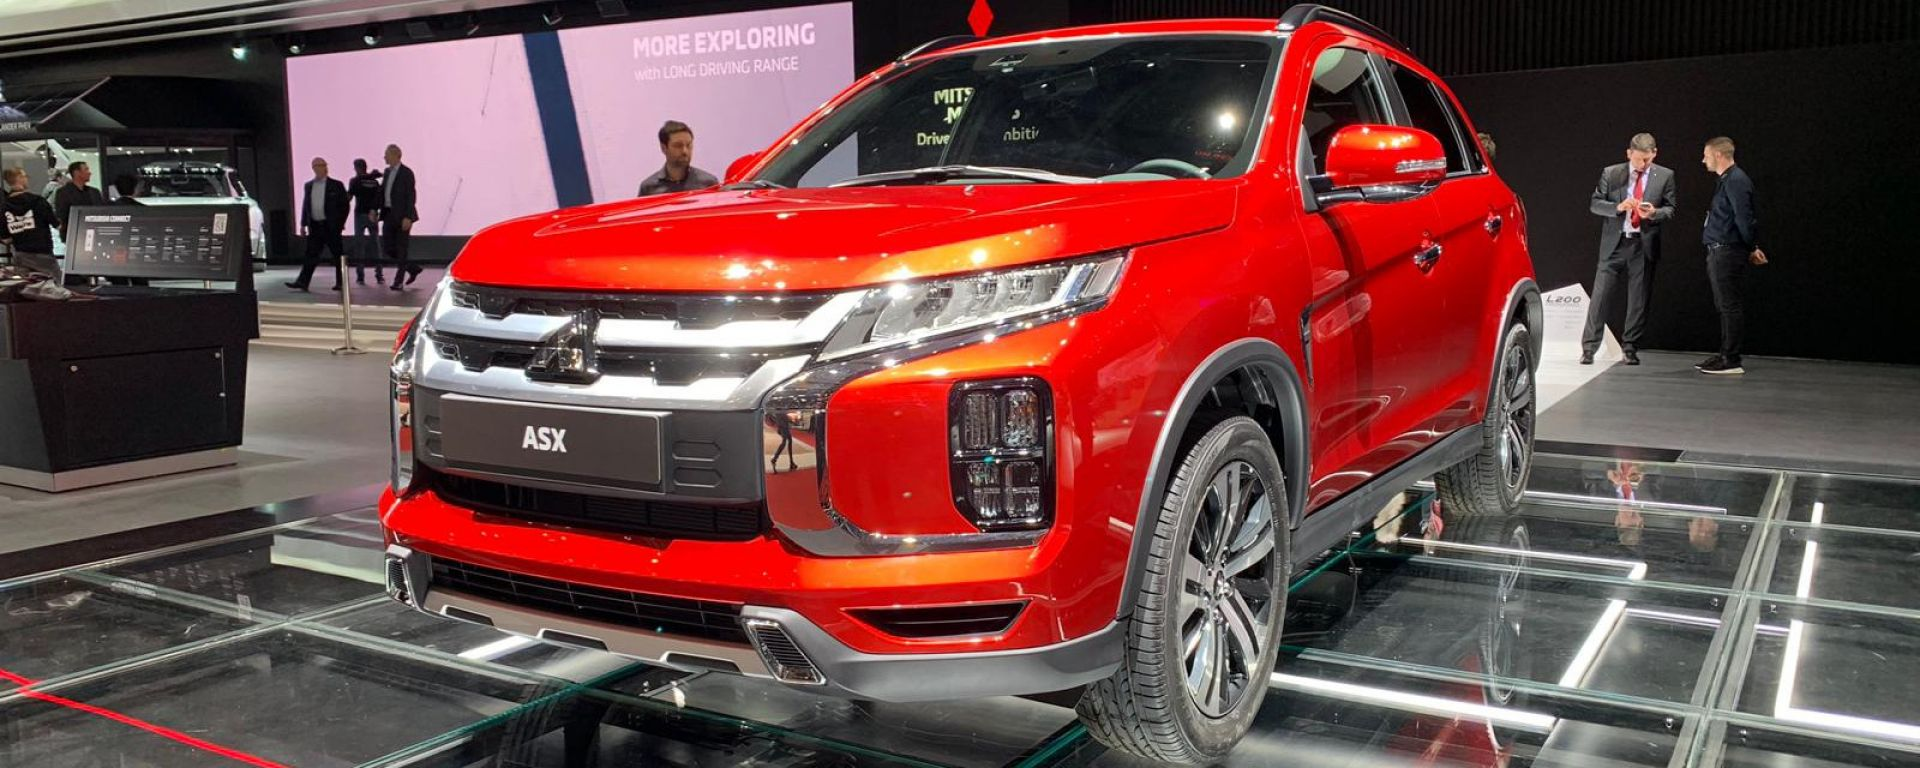 Salone di Ginevra 2019, le novità allo stand Mitsubishi